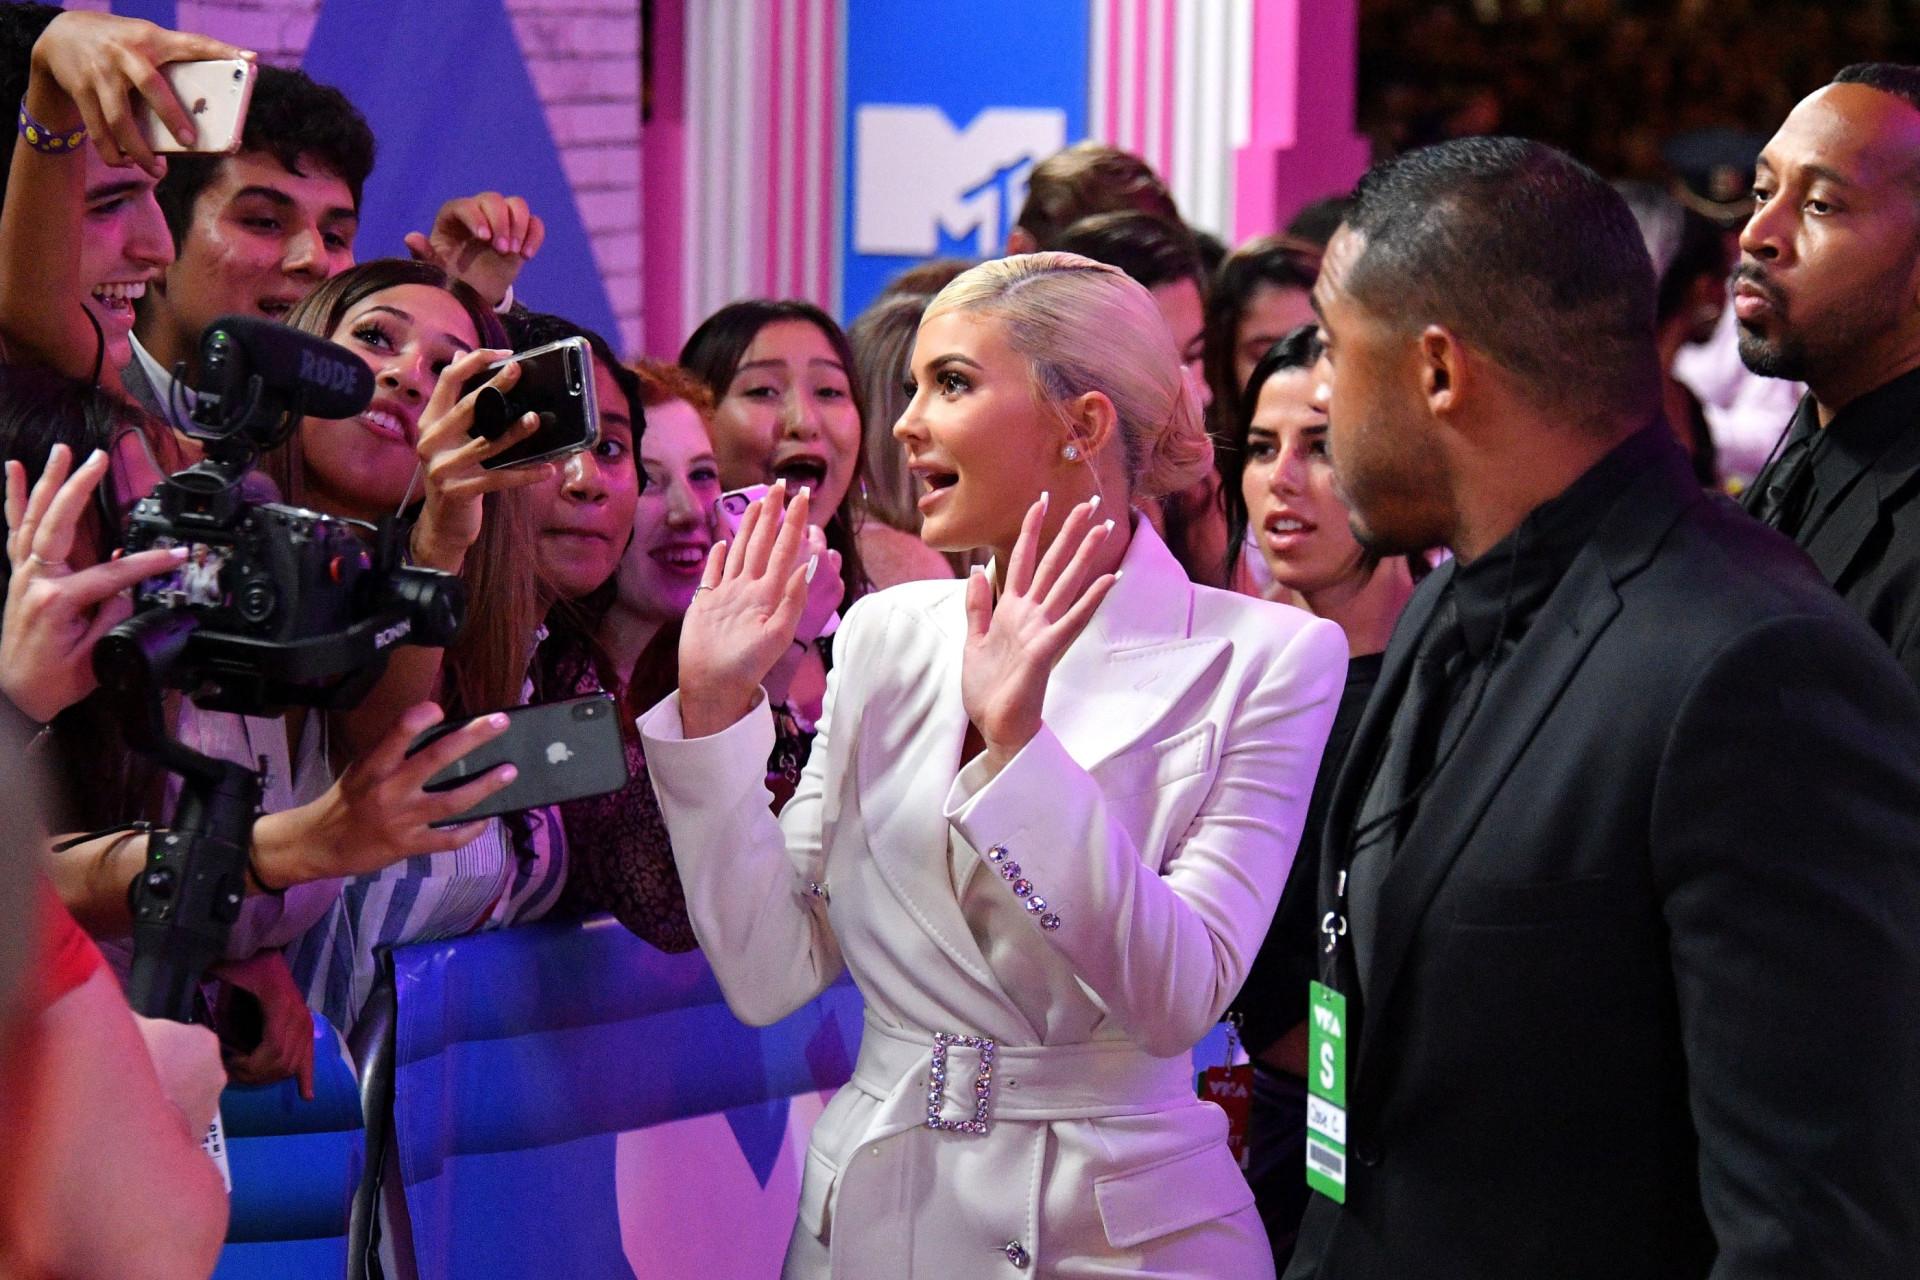 Discrição ao máximo! Kylie Jenner e Travis Scott chegam aos VMA separados